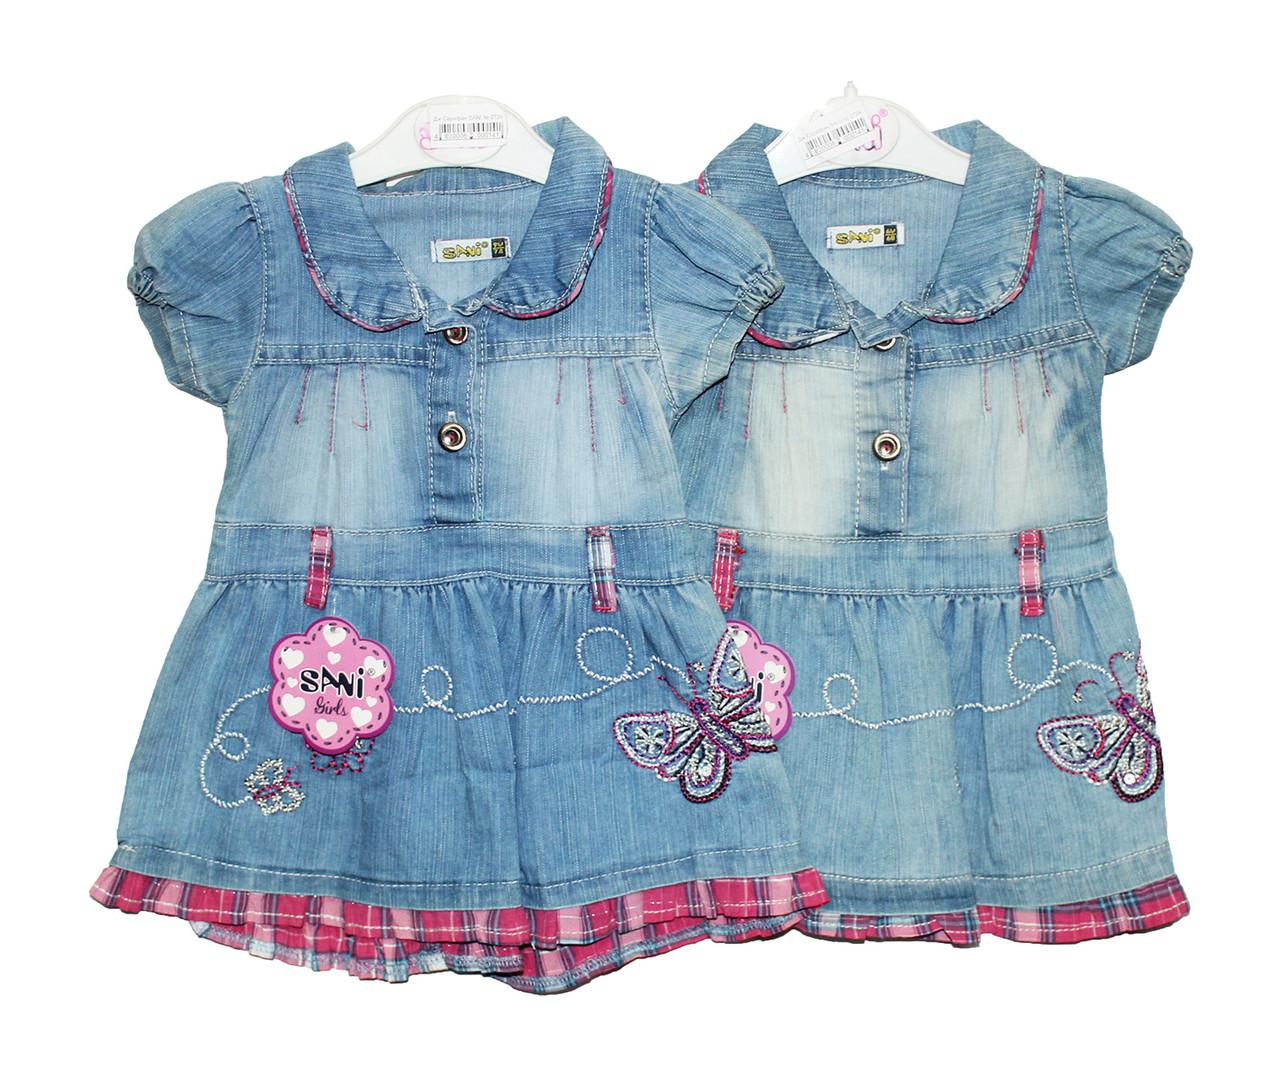 Плаття дитяче джинсовий для дівчинки Sani 2723